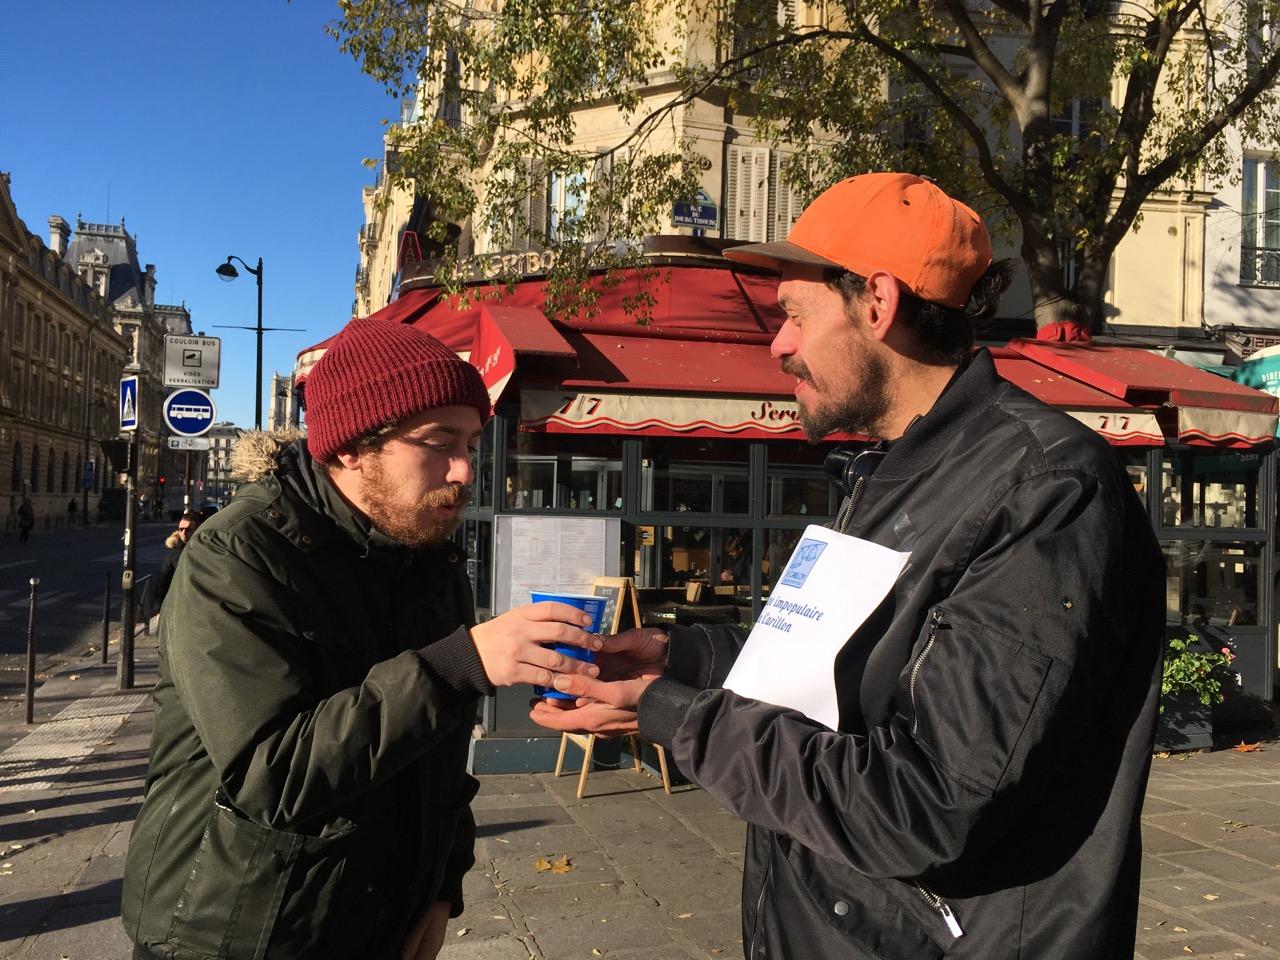 En fait, plein de commerçants offrent de l'aide à des sans-abri